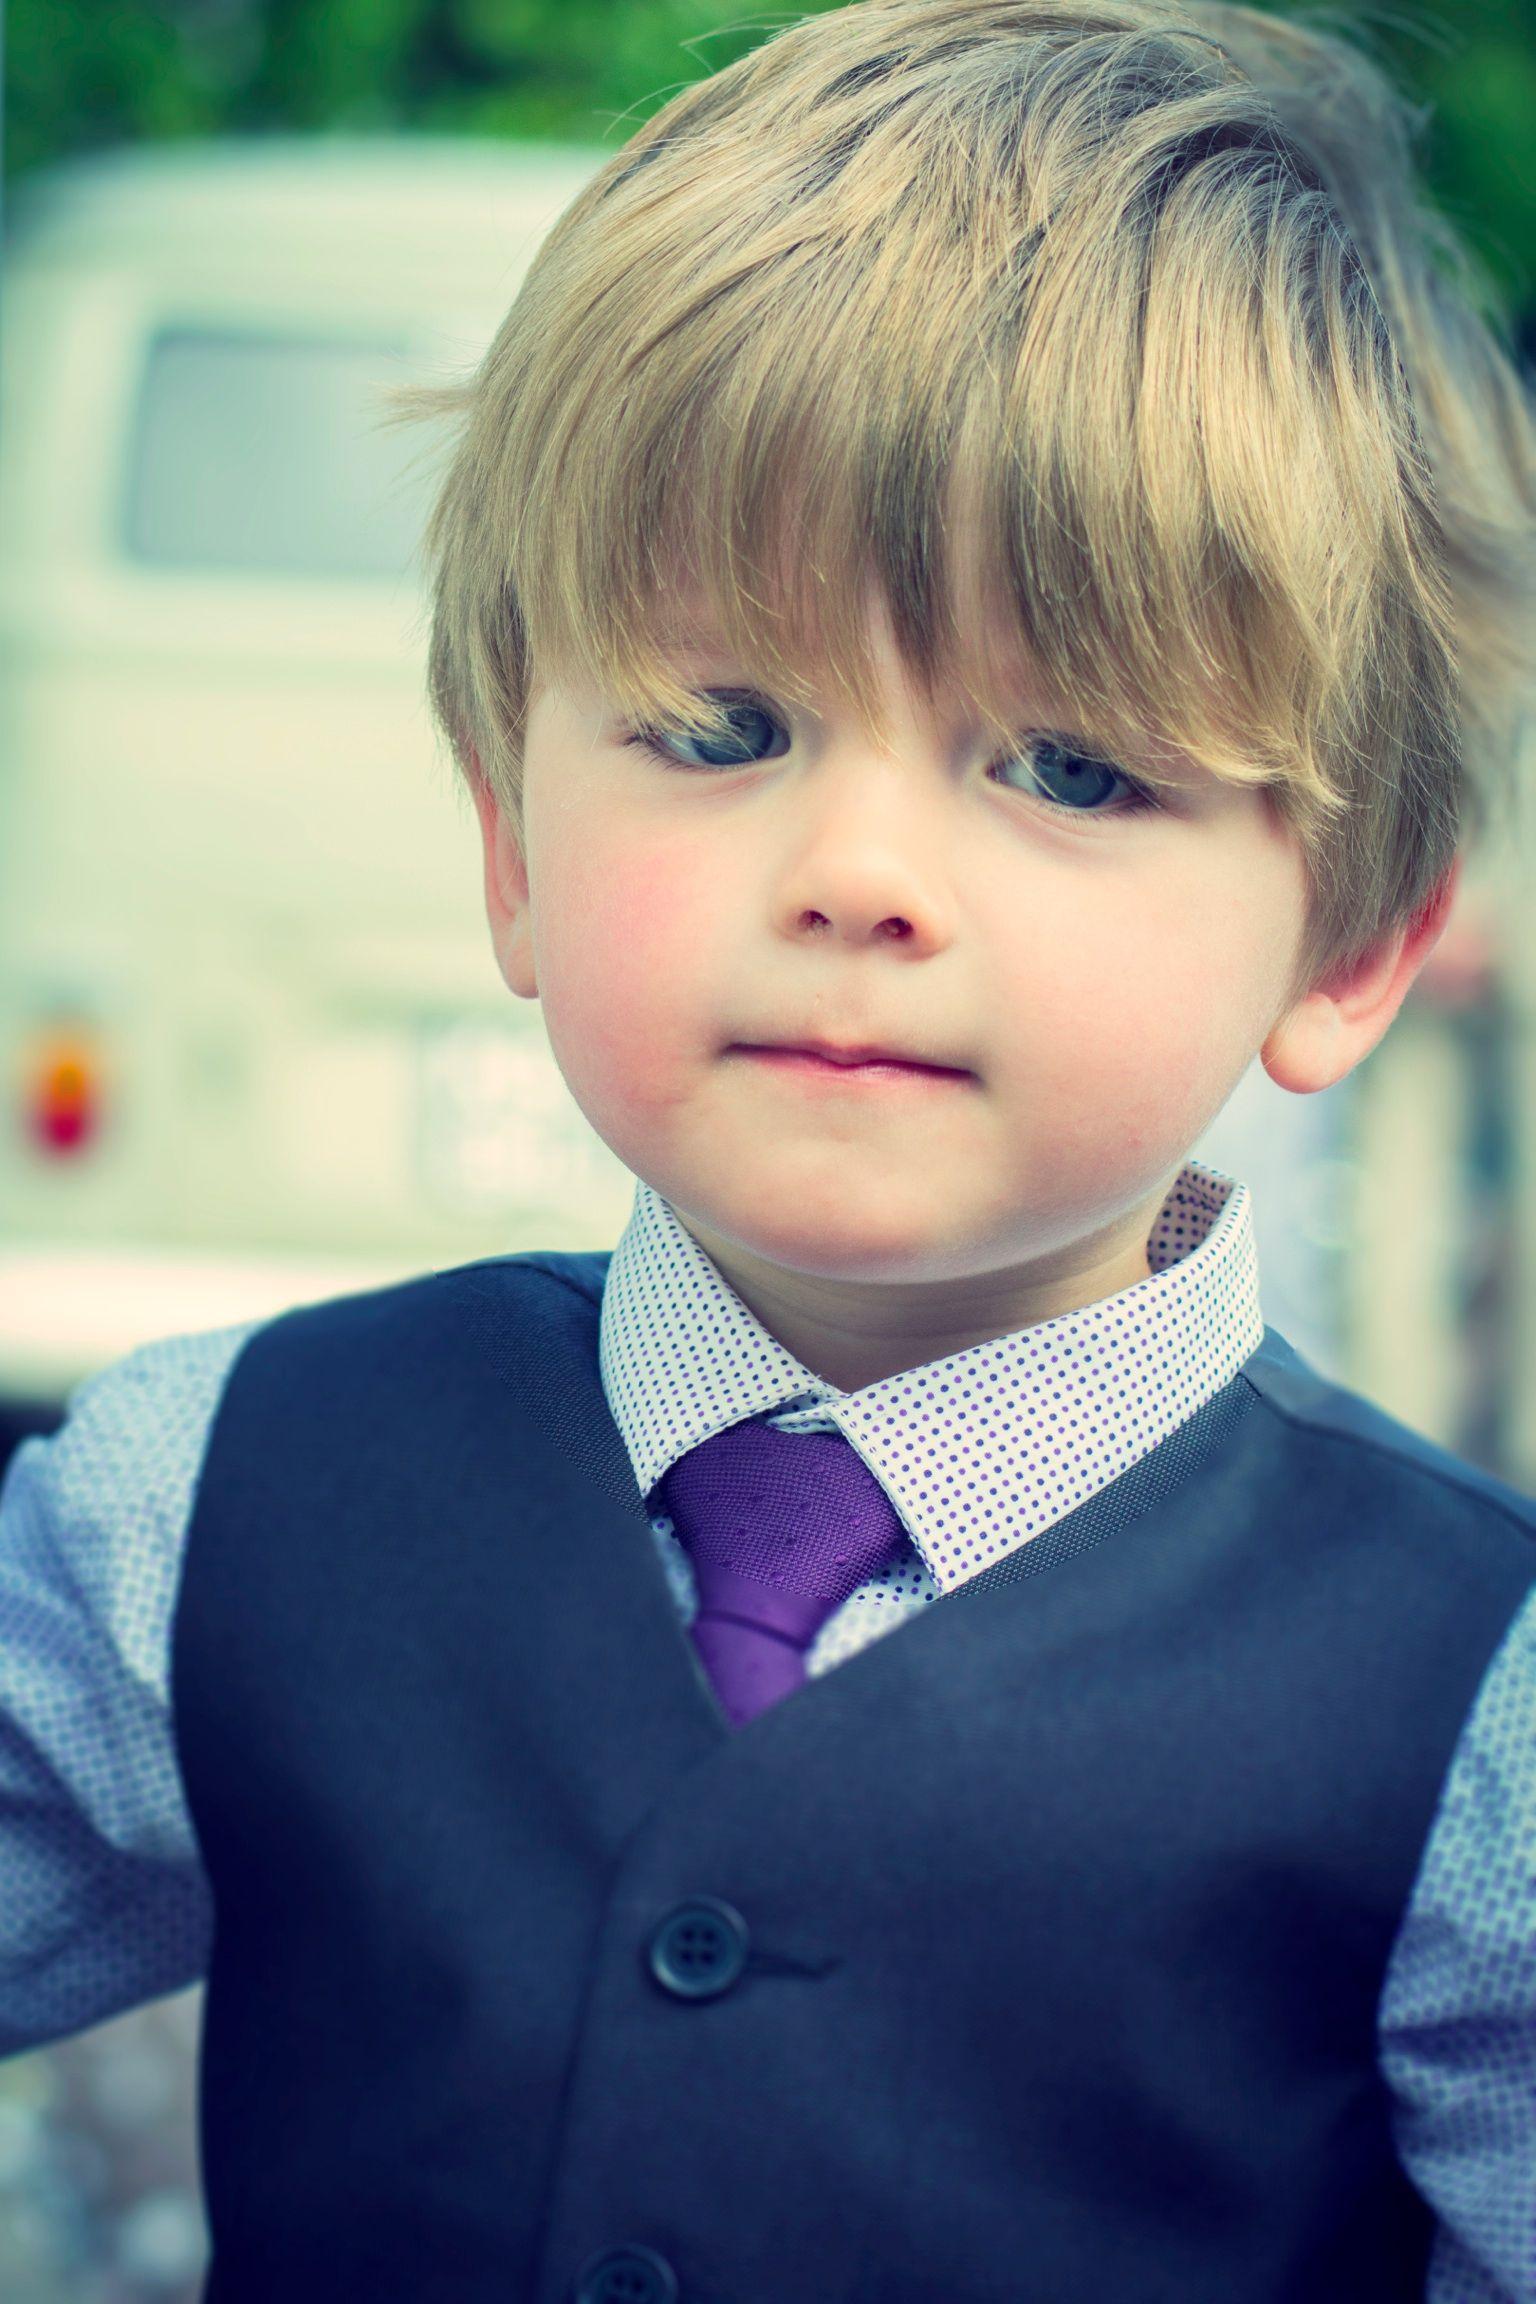 صور اجمل صور اطفال , بوسترات صغار حلوين